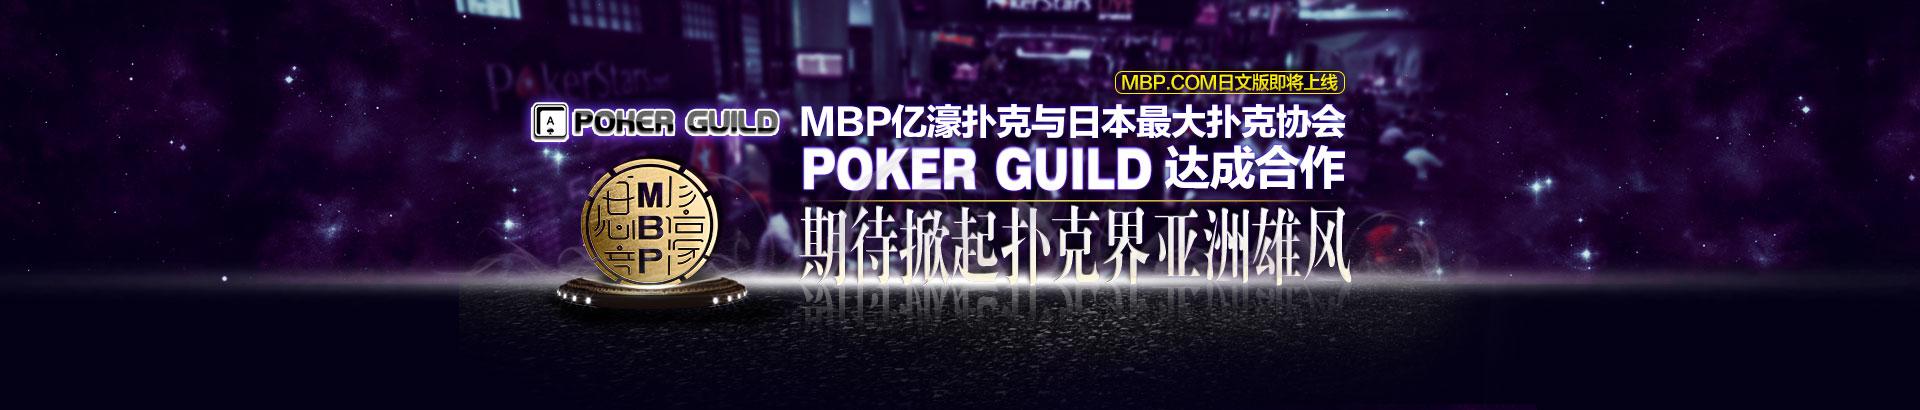 体育无国界:MBP与日本最大扑克协会Poker Guild达成合作关系